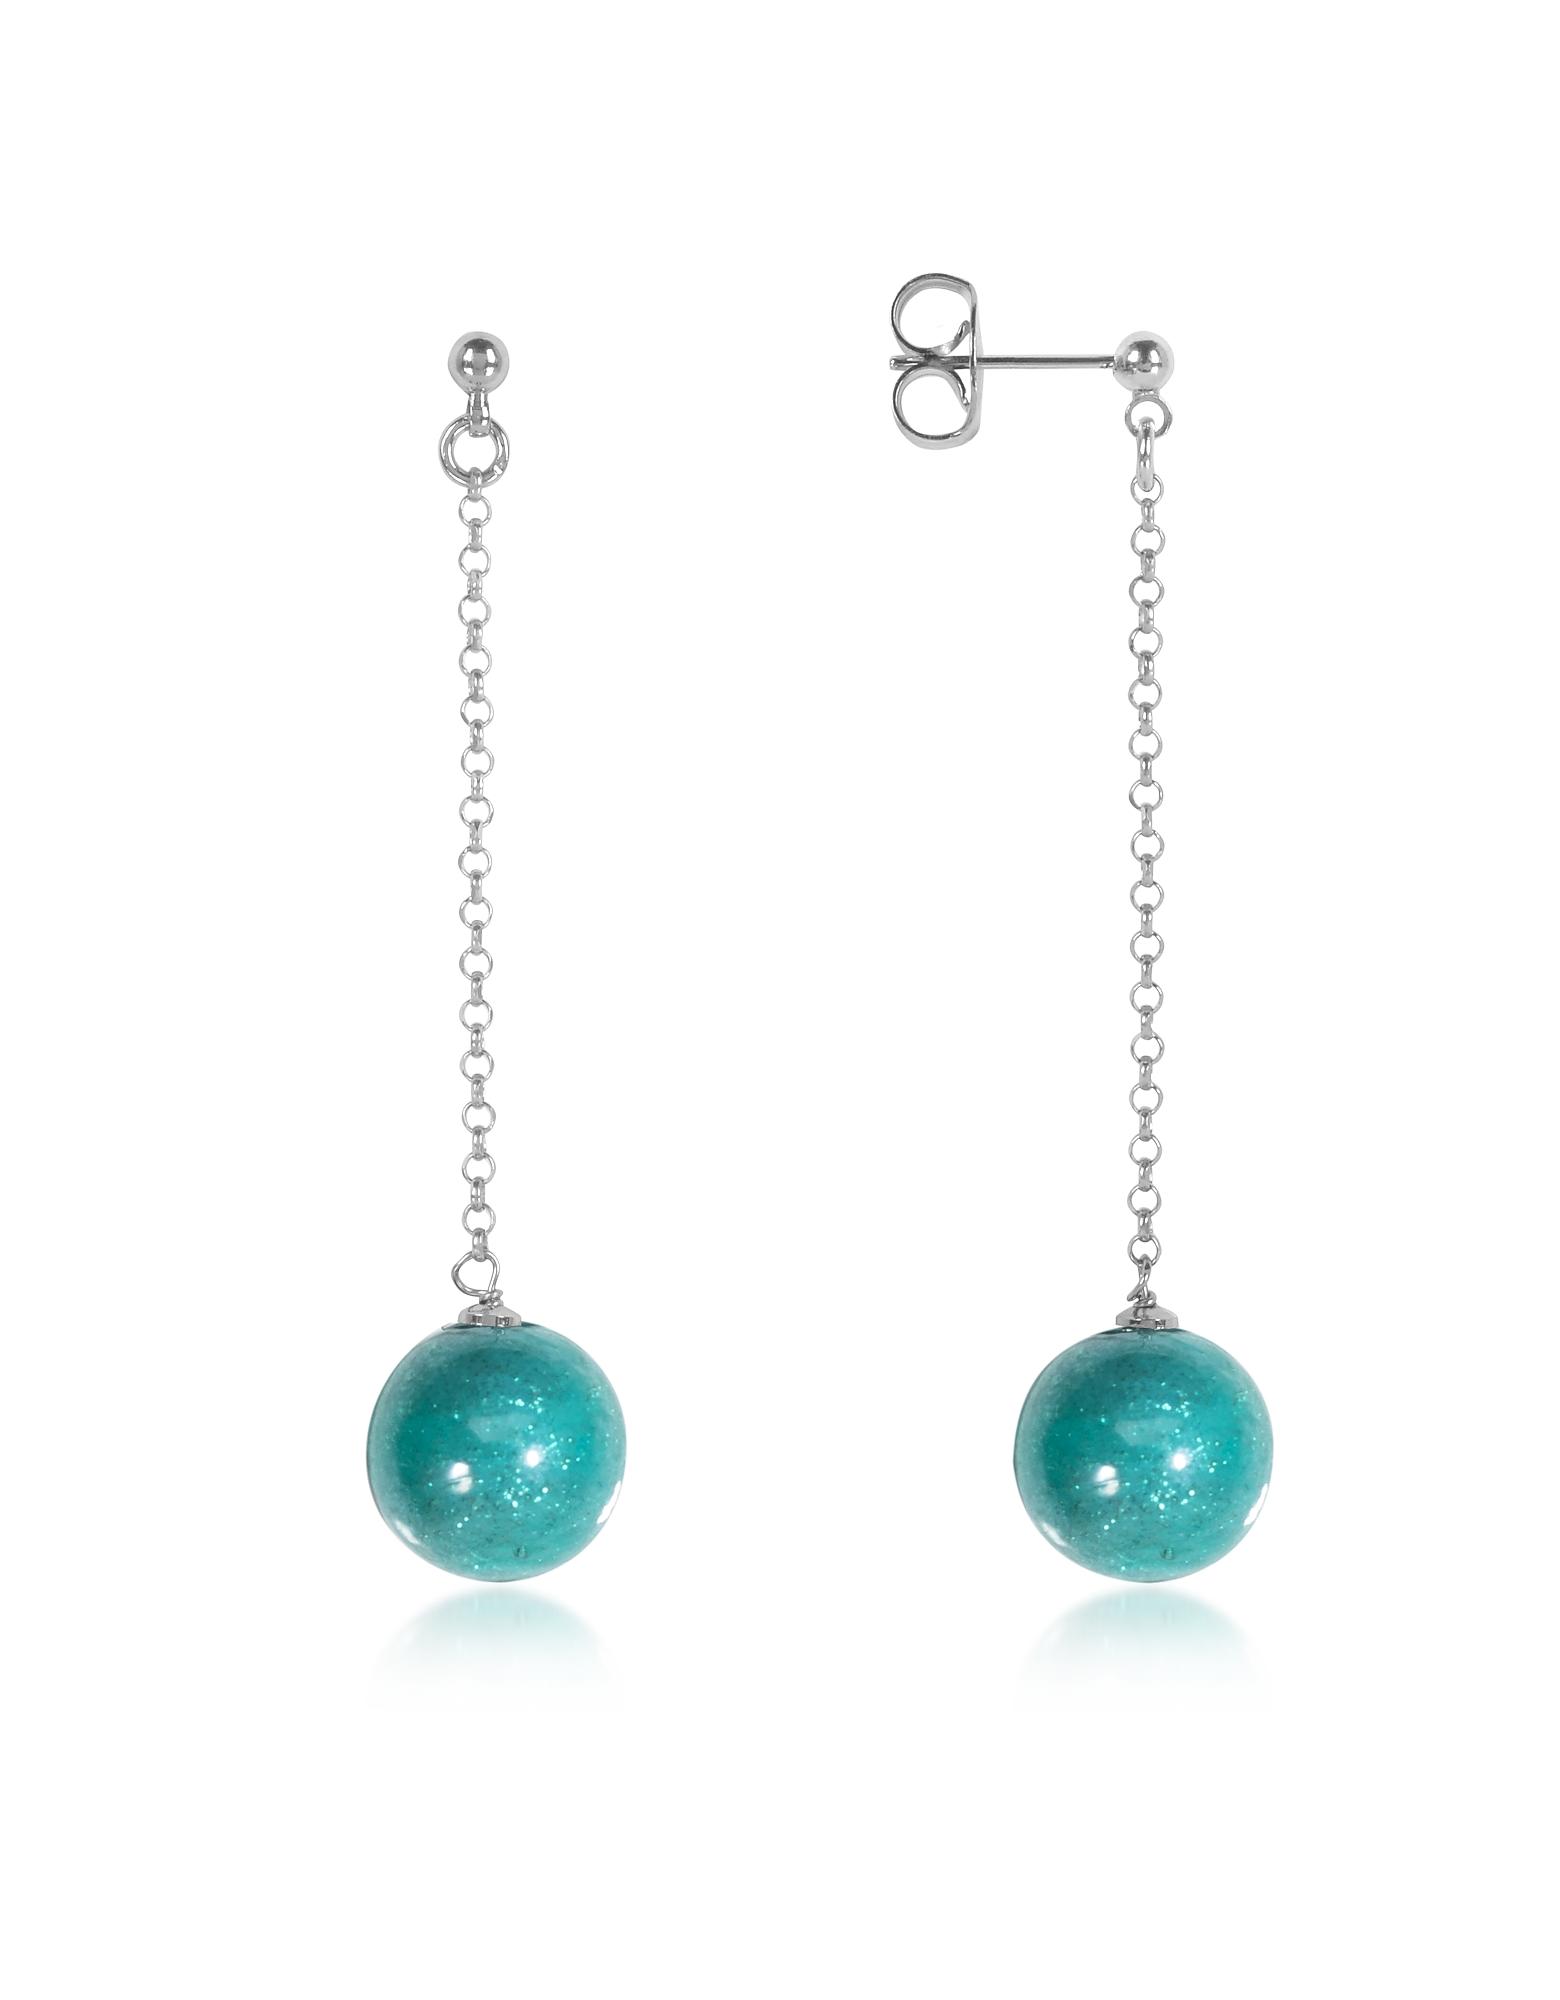 Antica Murrina Earrings, Perleadi Turquoise Murano Glass Bead Earrings